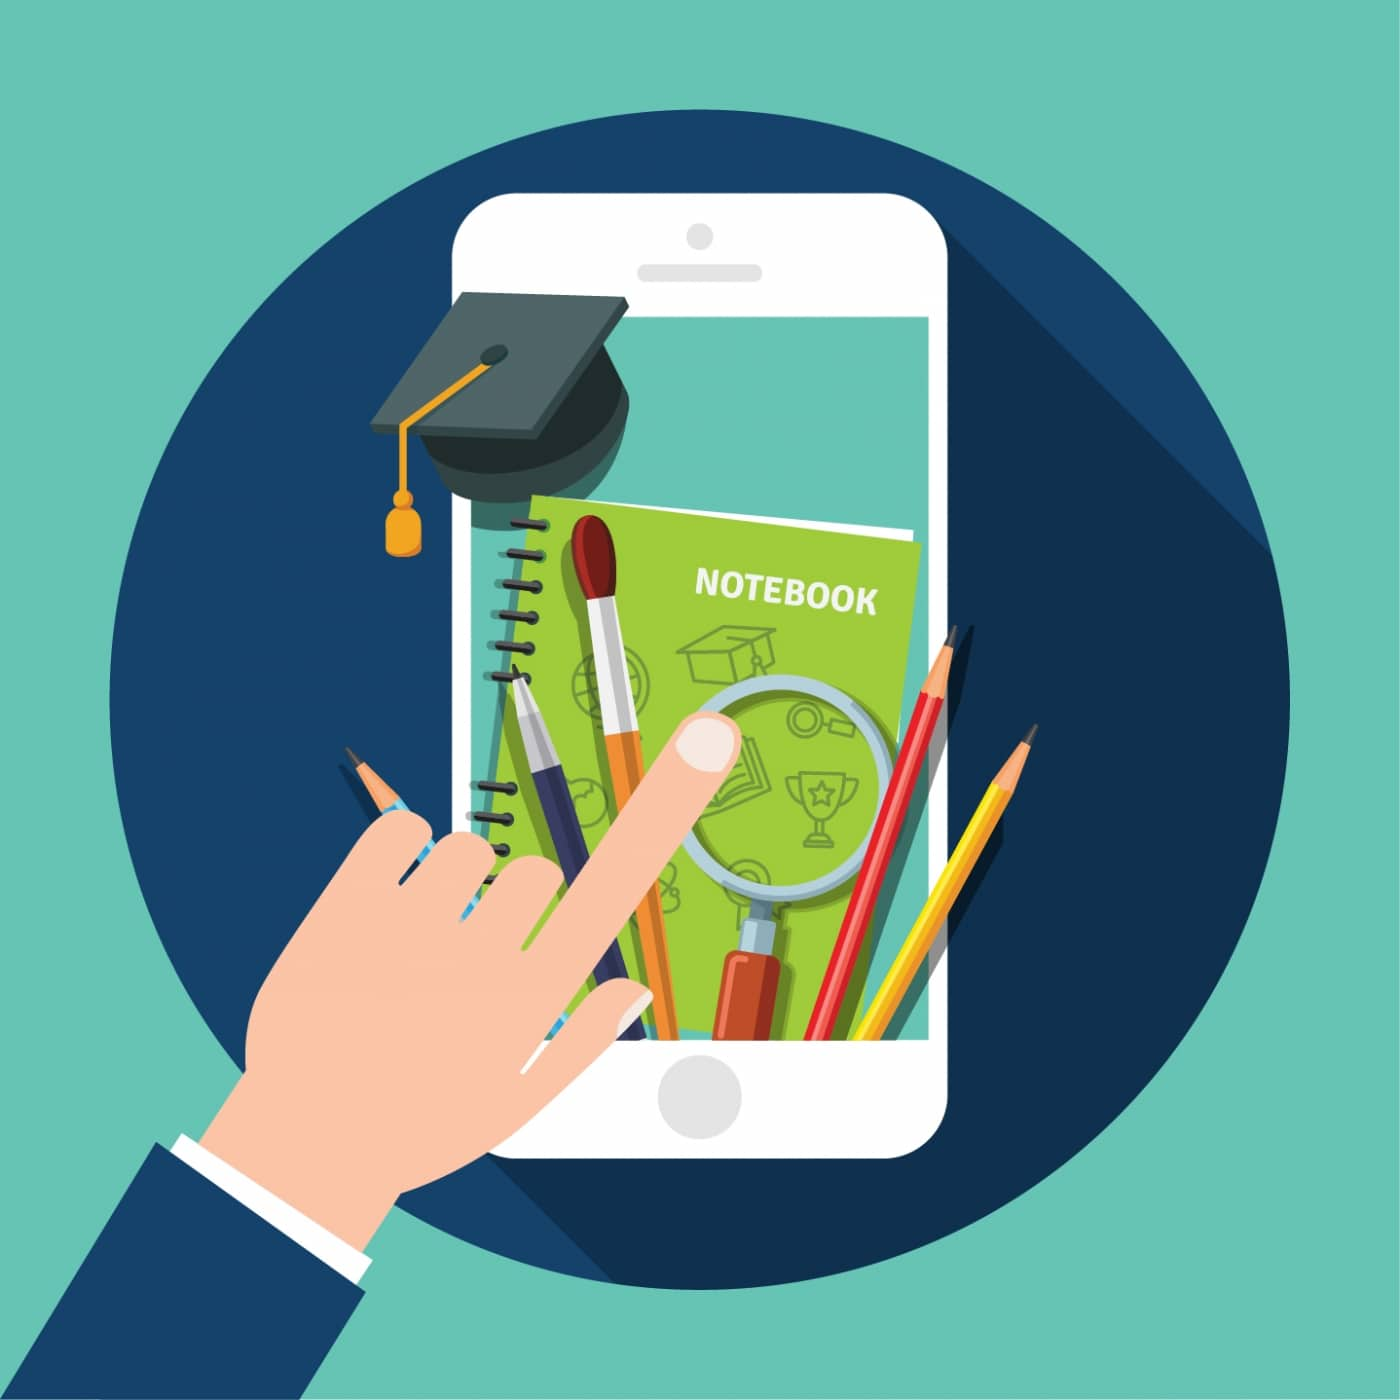 تطبيقات الجوال التعليمية الأكثر انتشارا 2019